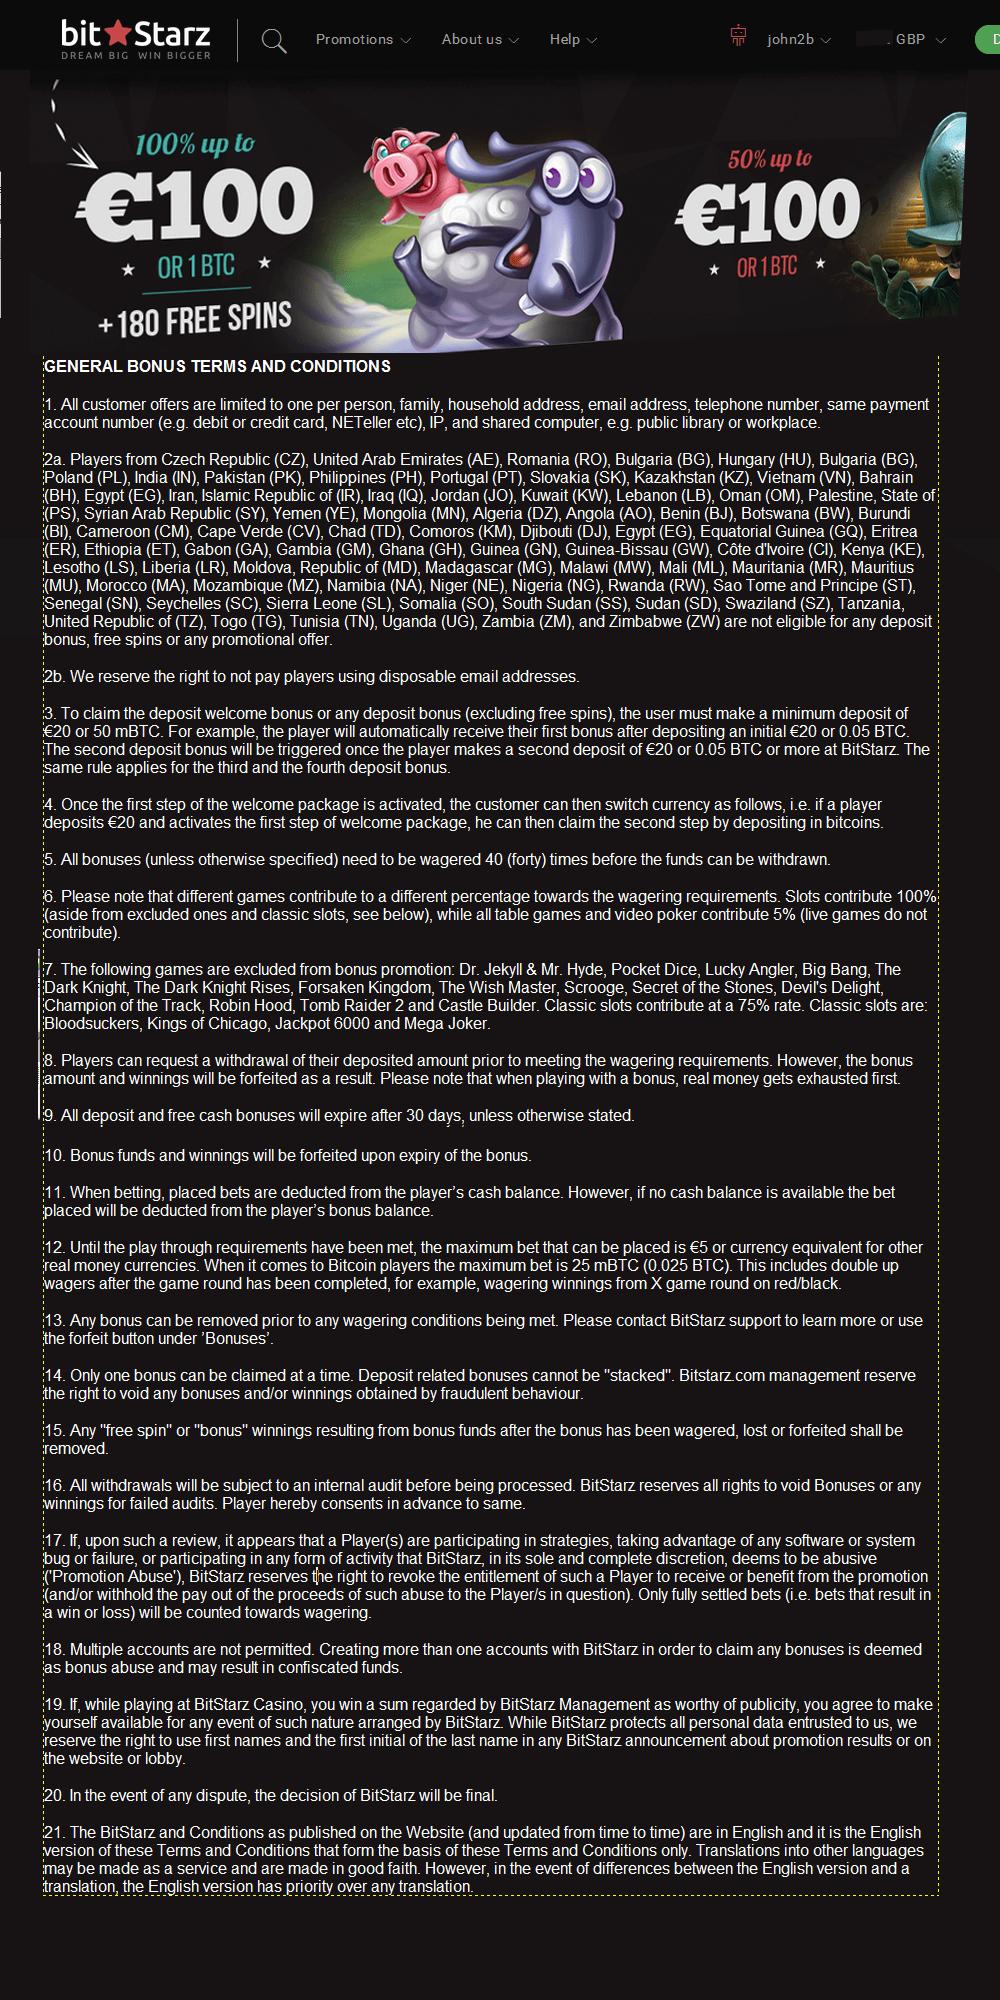 Bitstarz The Values Of Bitcoin